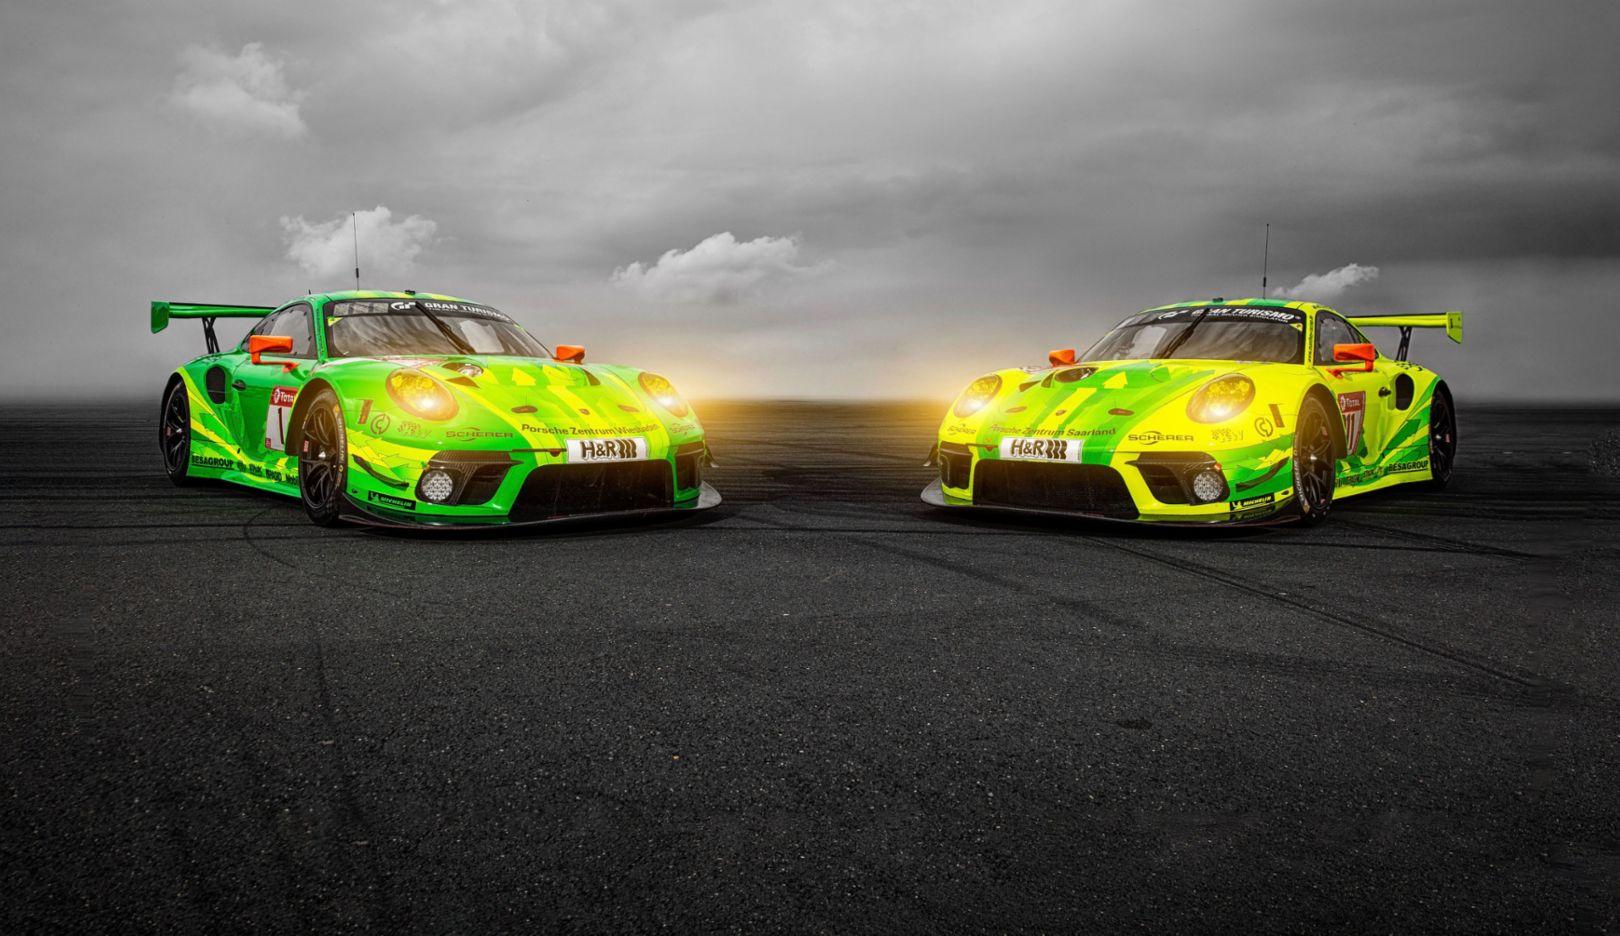 Porsche 911 GT3 R, Manthey-Racing #1, Richard Lietz (A), Frédéric Makowiecki (F), Patrick Pilet (F), Nick Tandy (GB), Manthey-Racing #911, Earl Bamber (NZ), Michael Christensen (DK), Kévin Estre (F), Laurens Vanthoor (B), 2019, Porsche AG